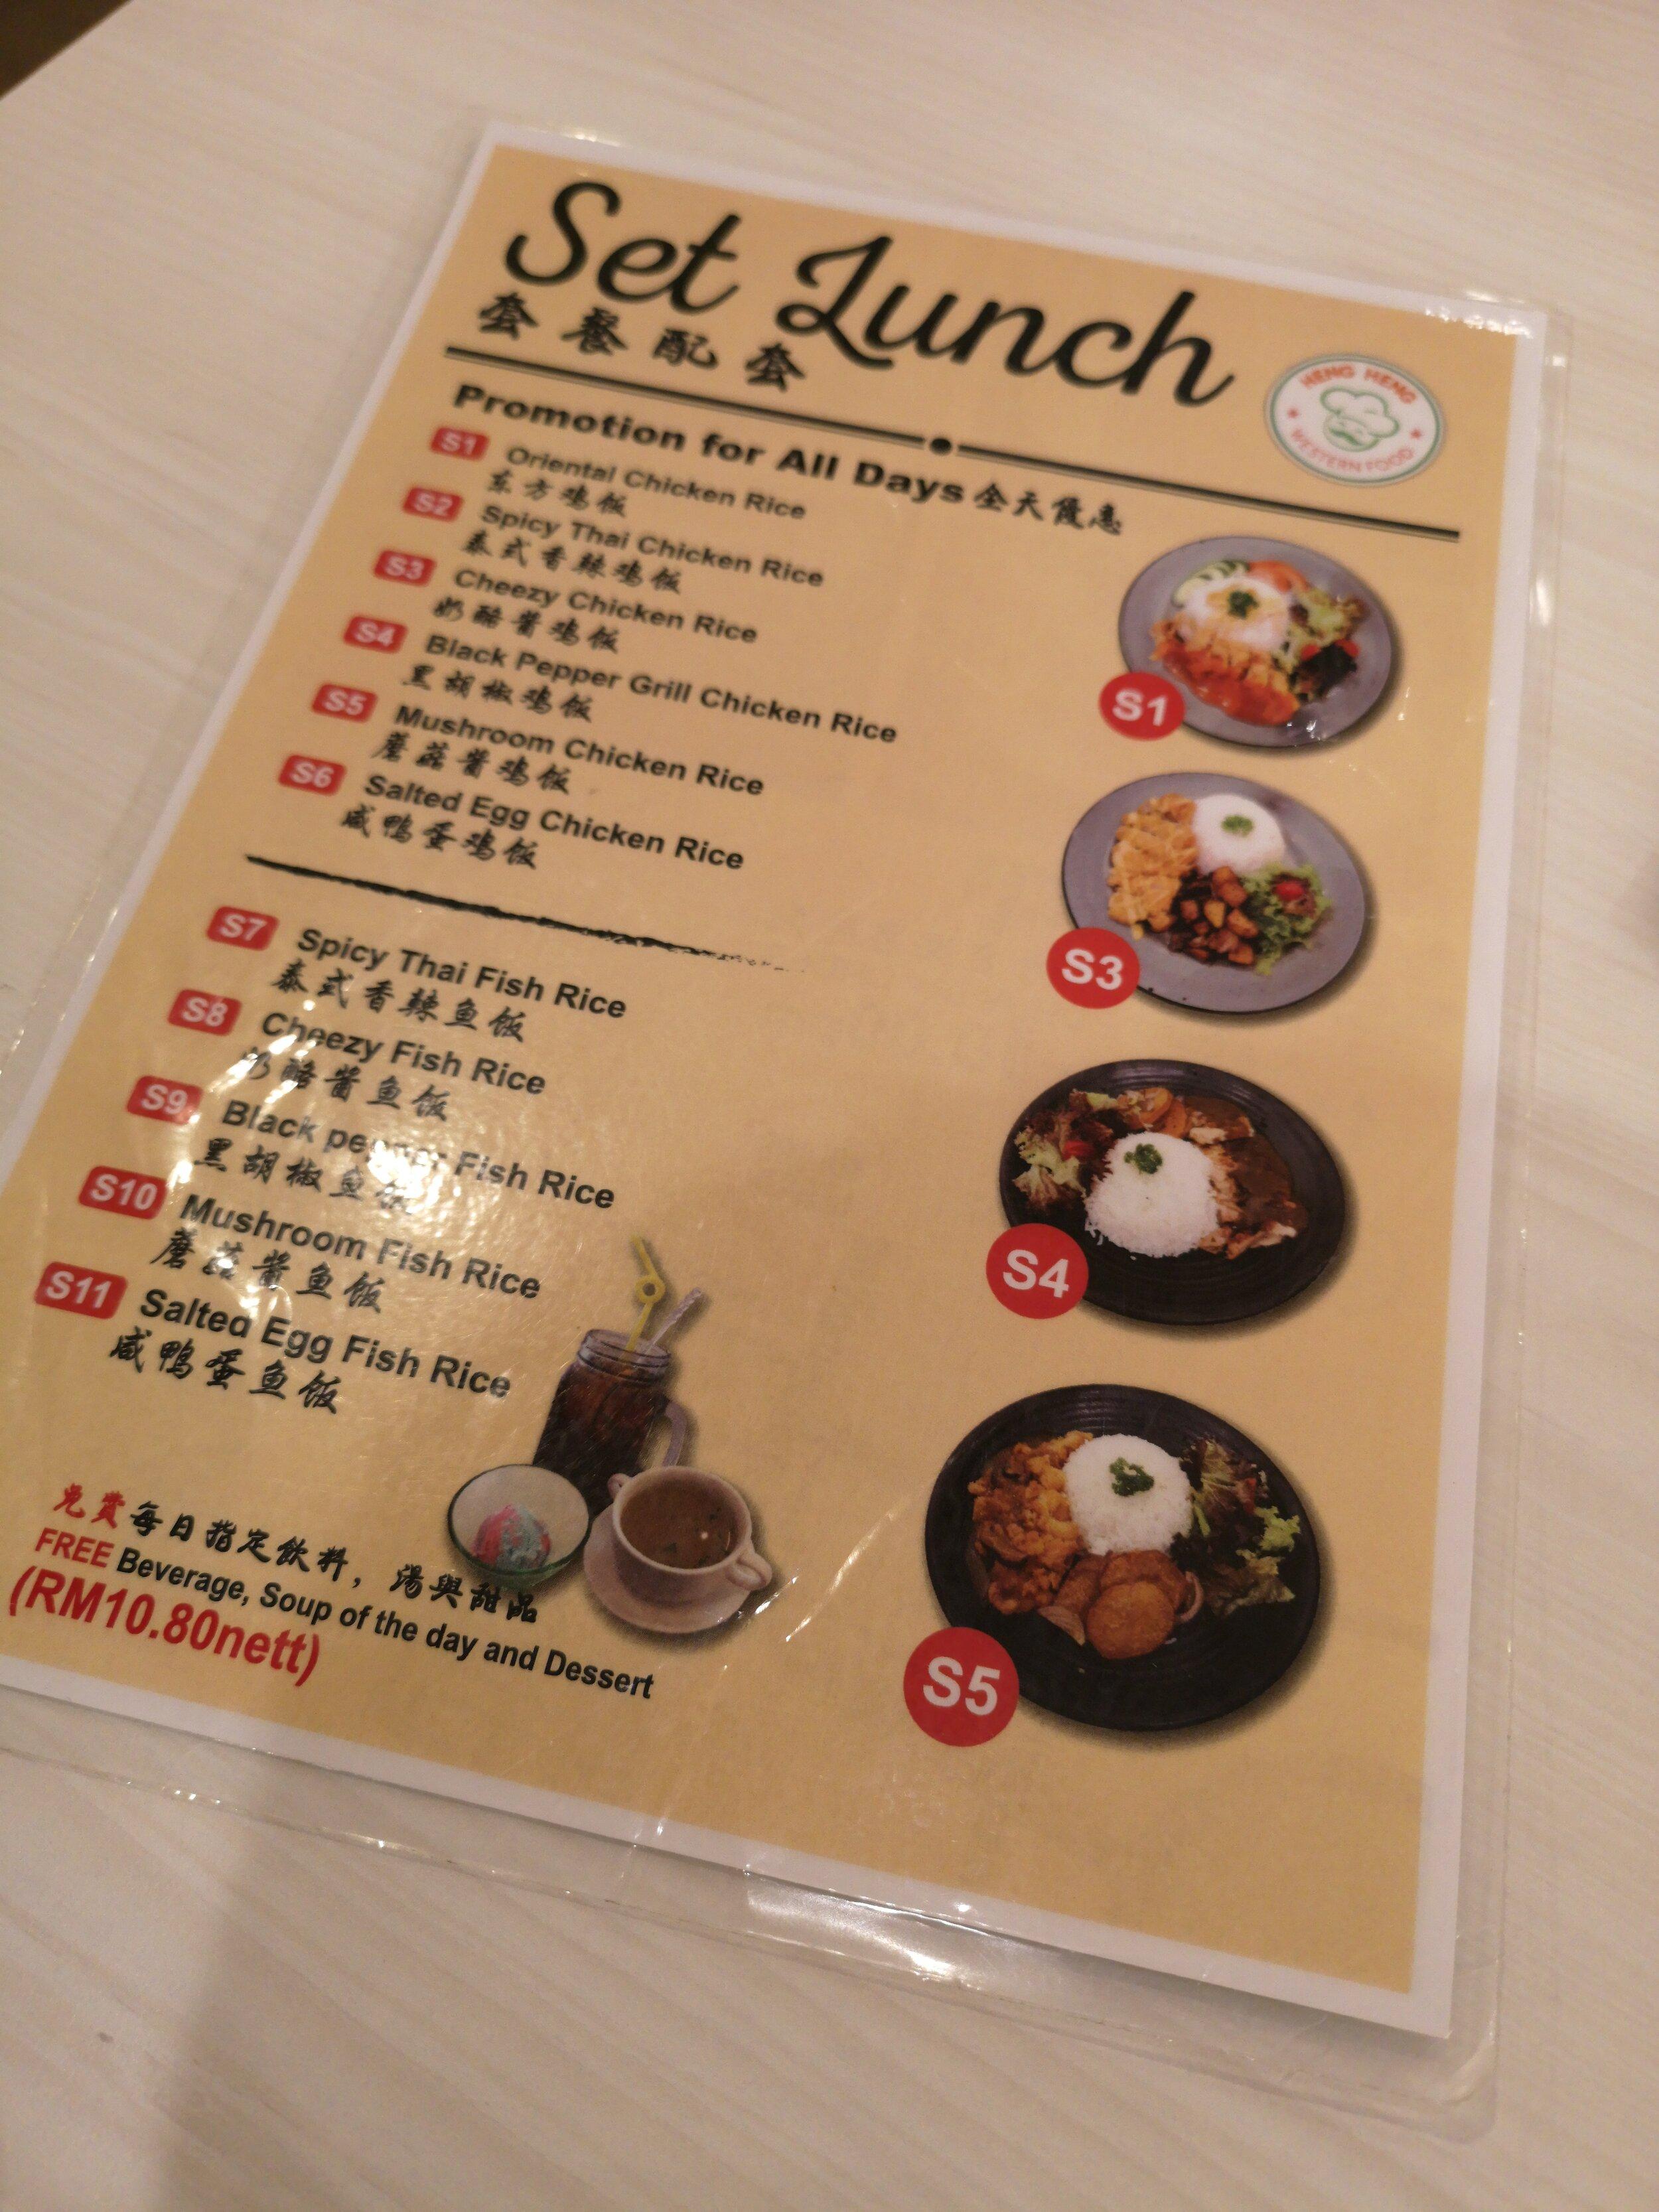 Heng Heng Western Food RM10.80 Set Lunch